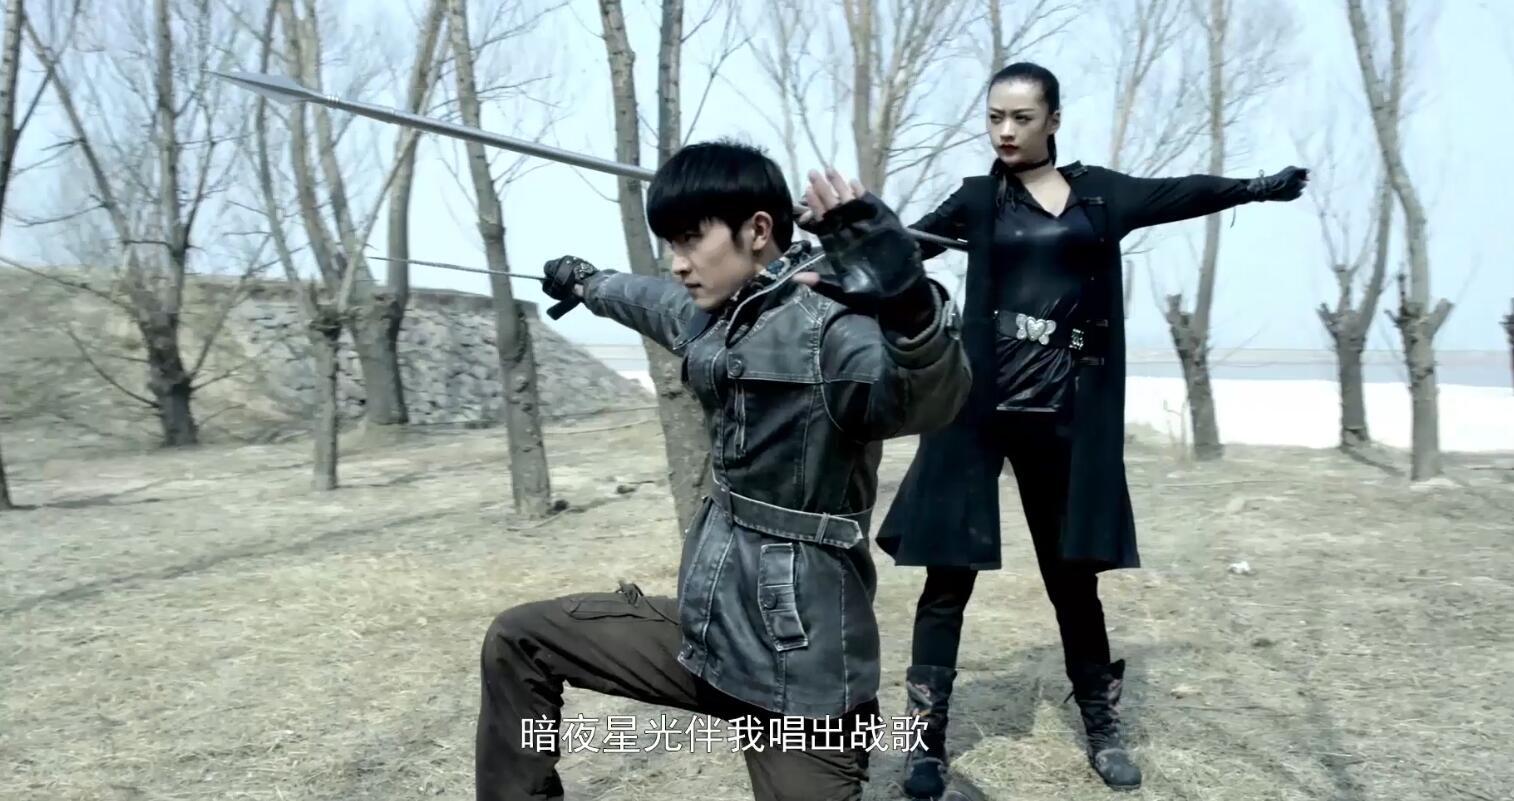 《末世》电影主题曲MV